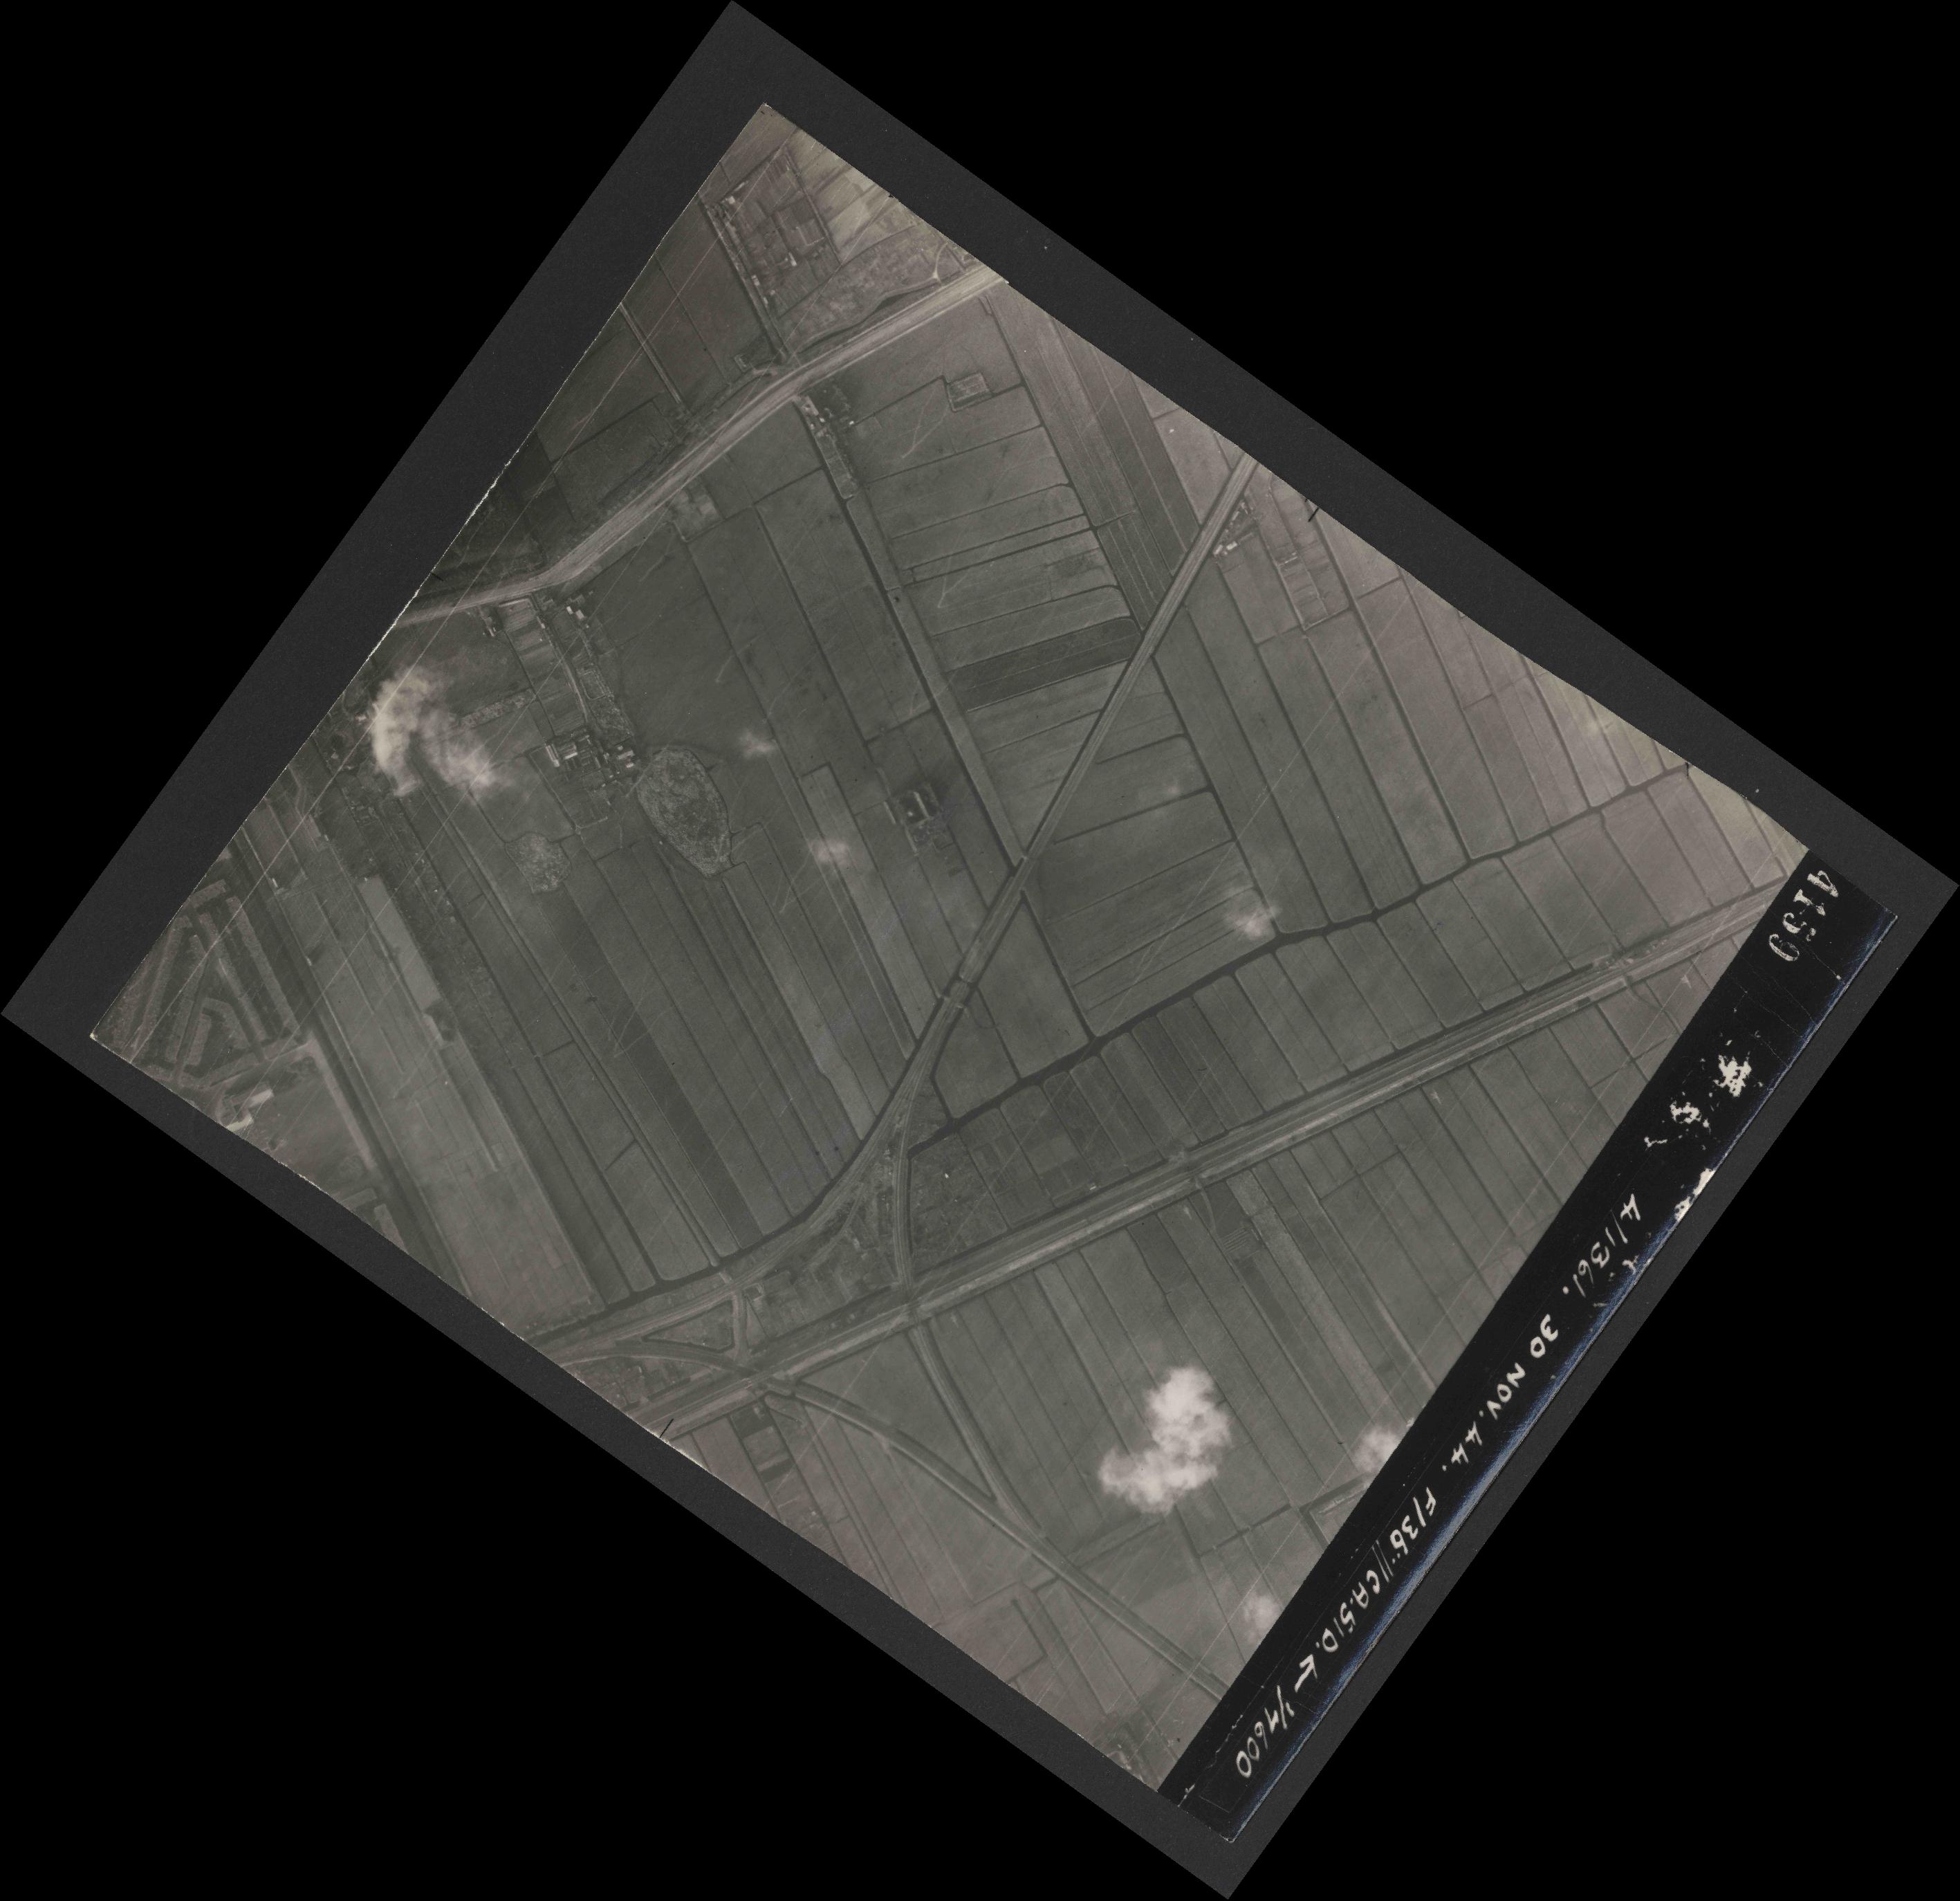 Collection RAF aerial photos 1940-1945 - flight 151, run 04, photo 4159